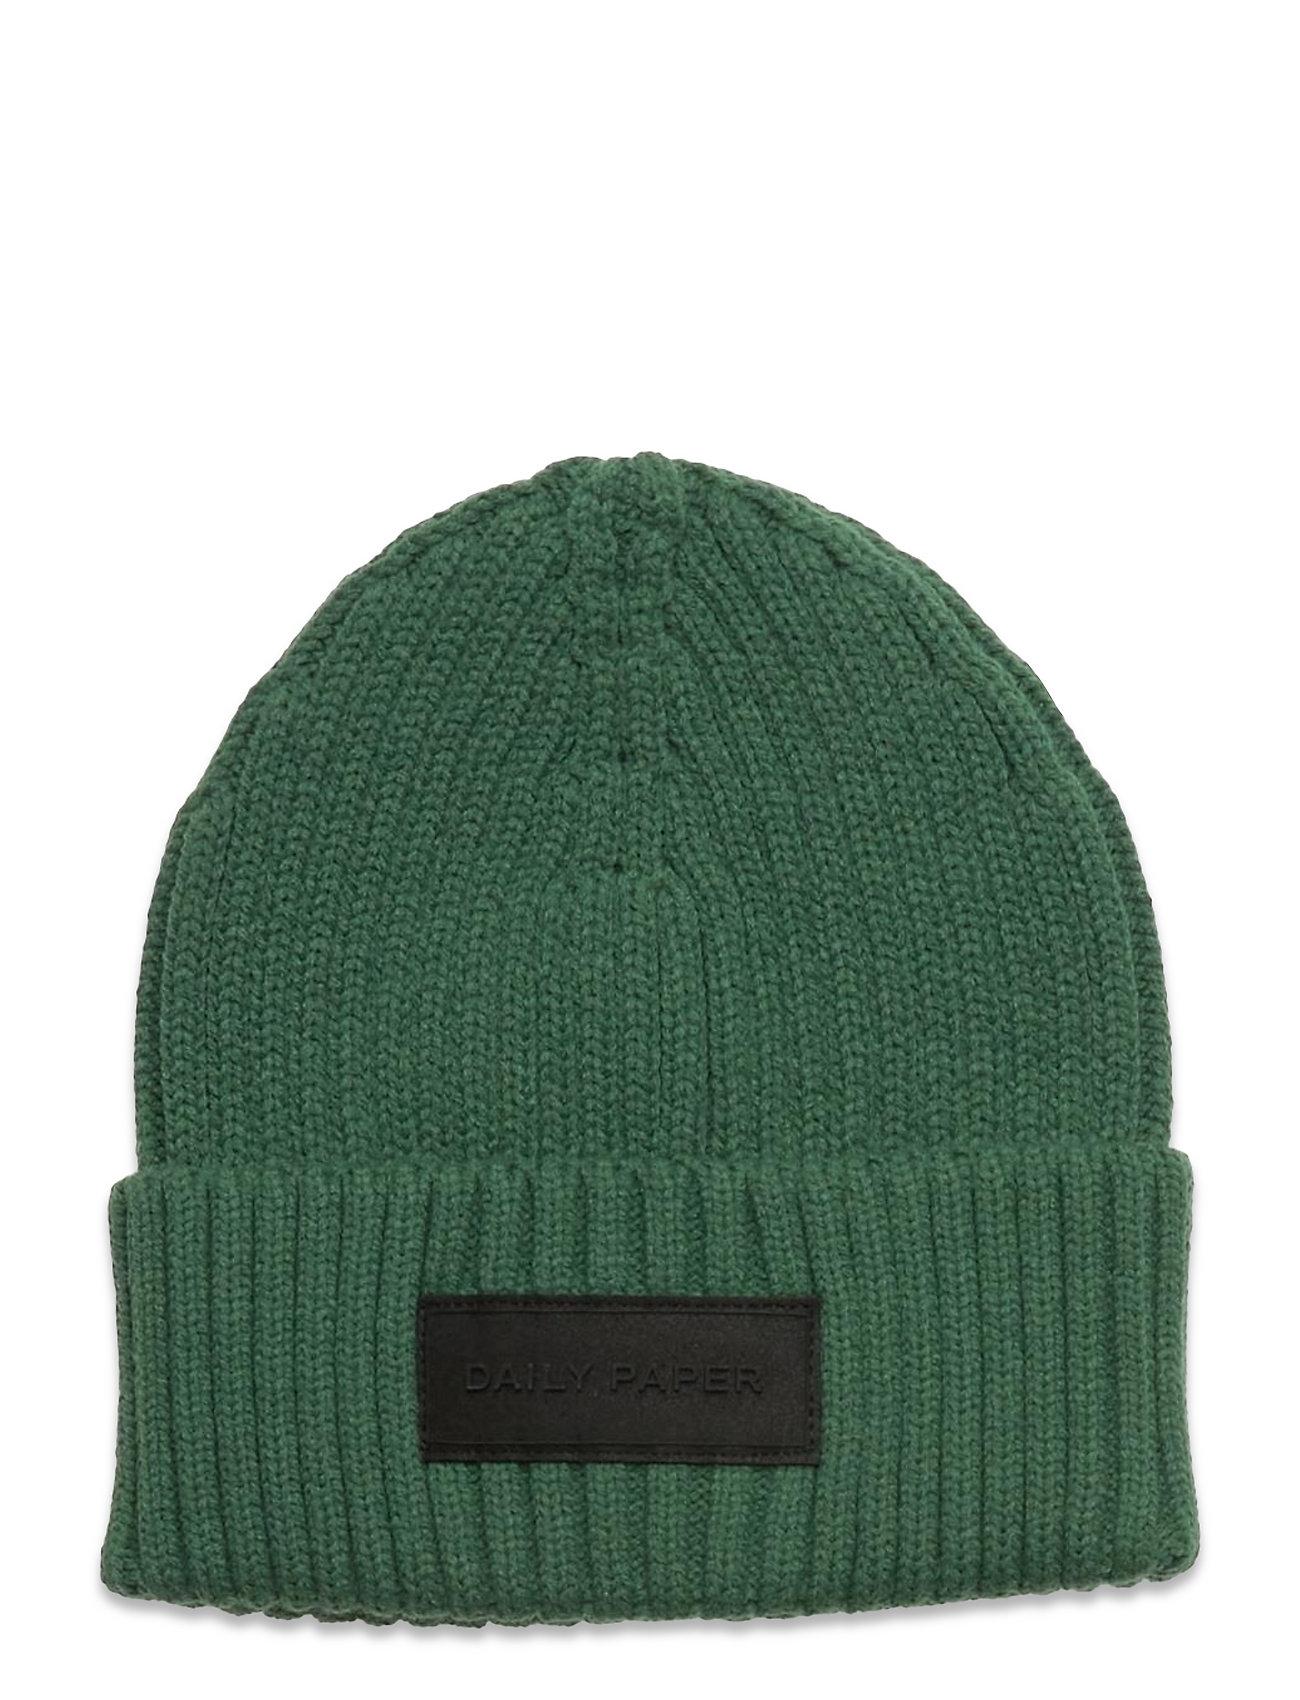 Ebeanie Accessories Headwear Beanies Grøn Daily Paper